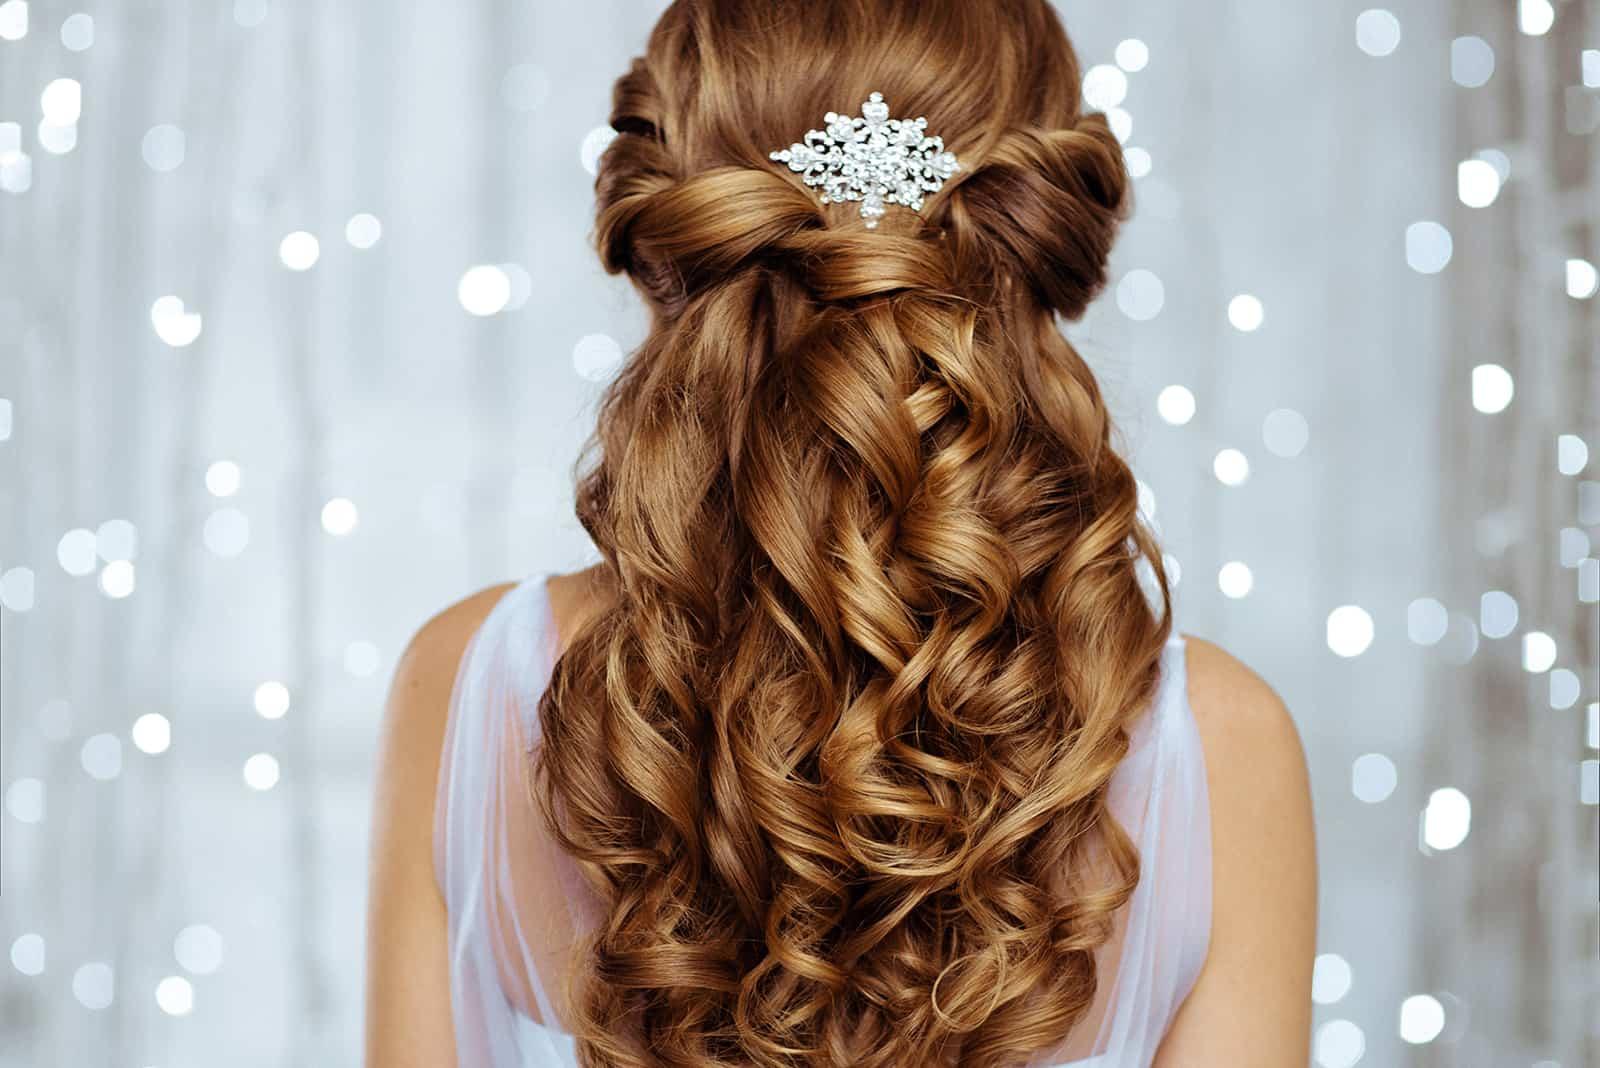 Diamanten im Haar der Braut